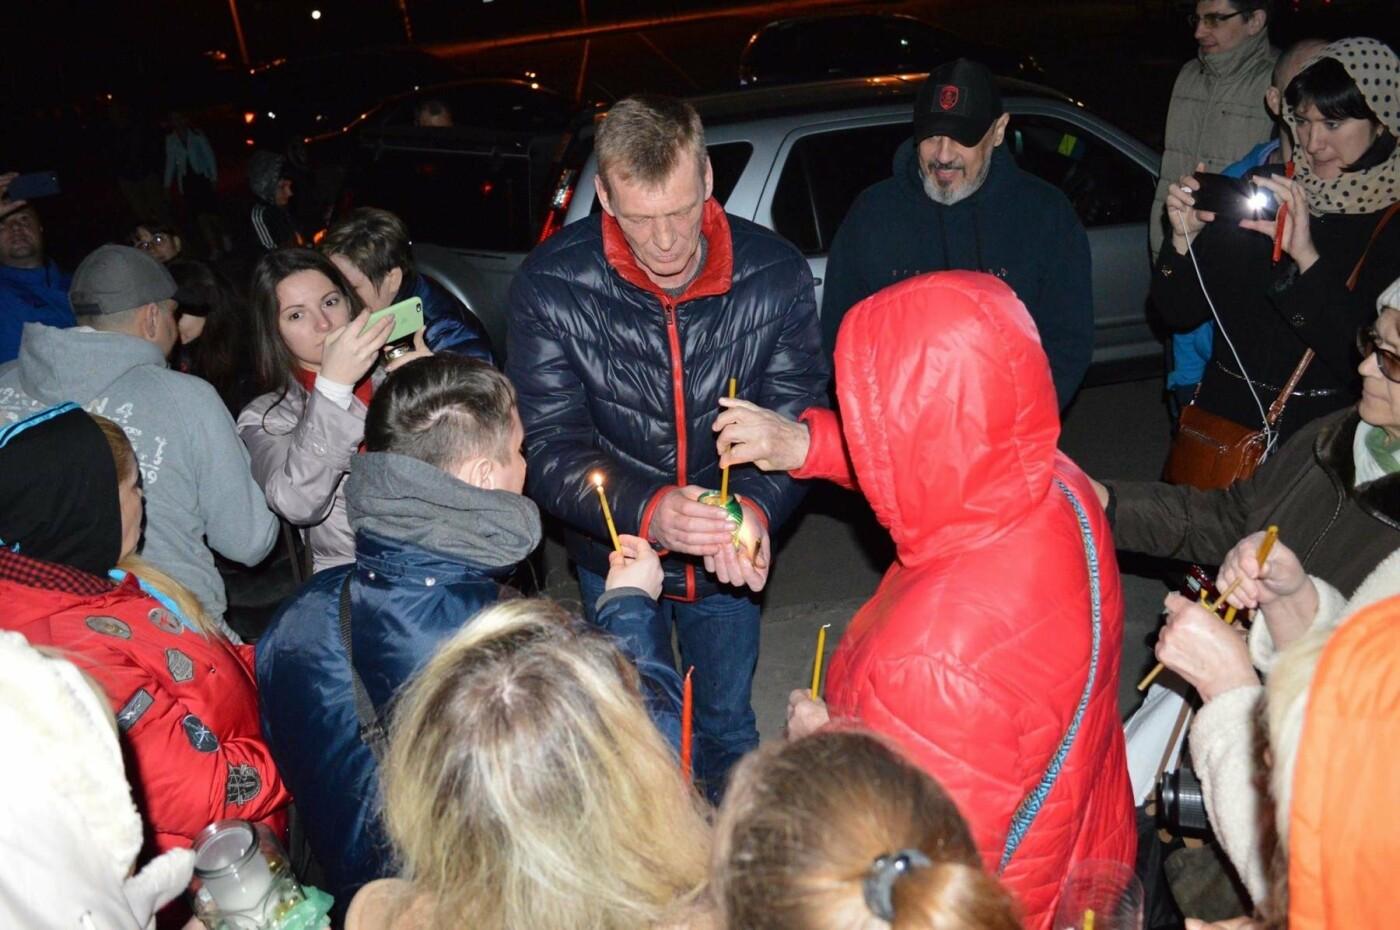 """Накануне Пасхи бойцы """"Кривбасса"""" и волонтер поделились с горожанами частичкой Благодатного Огня (ФОТО), фото-12"""